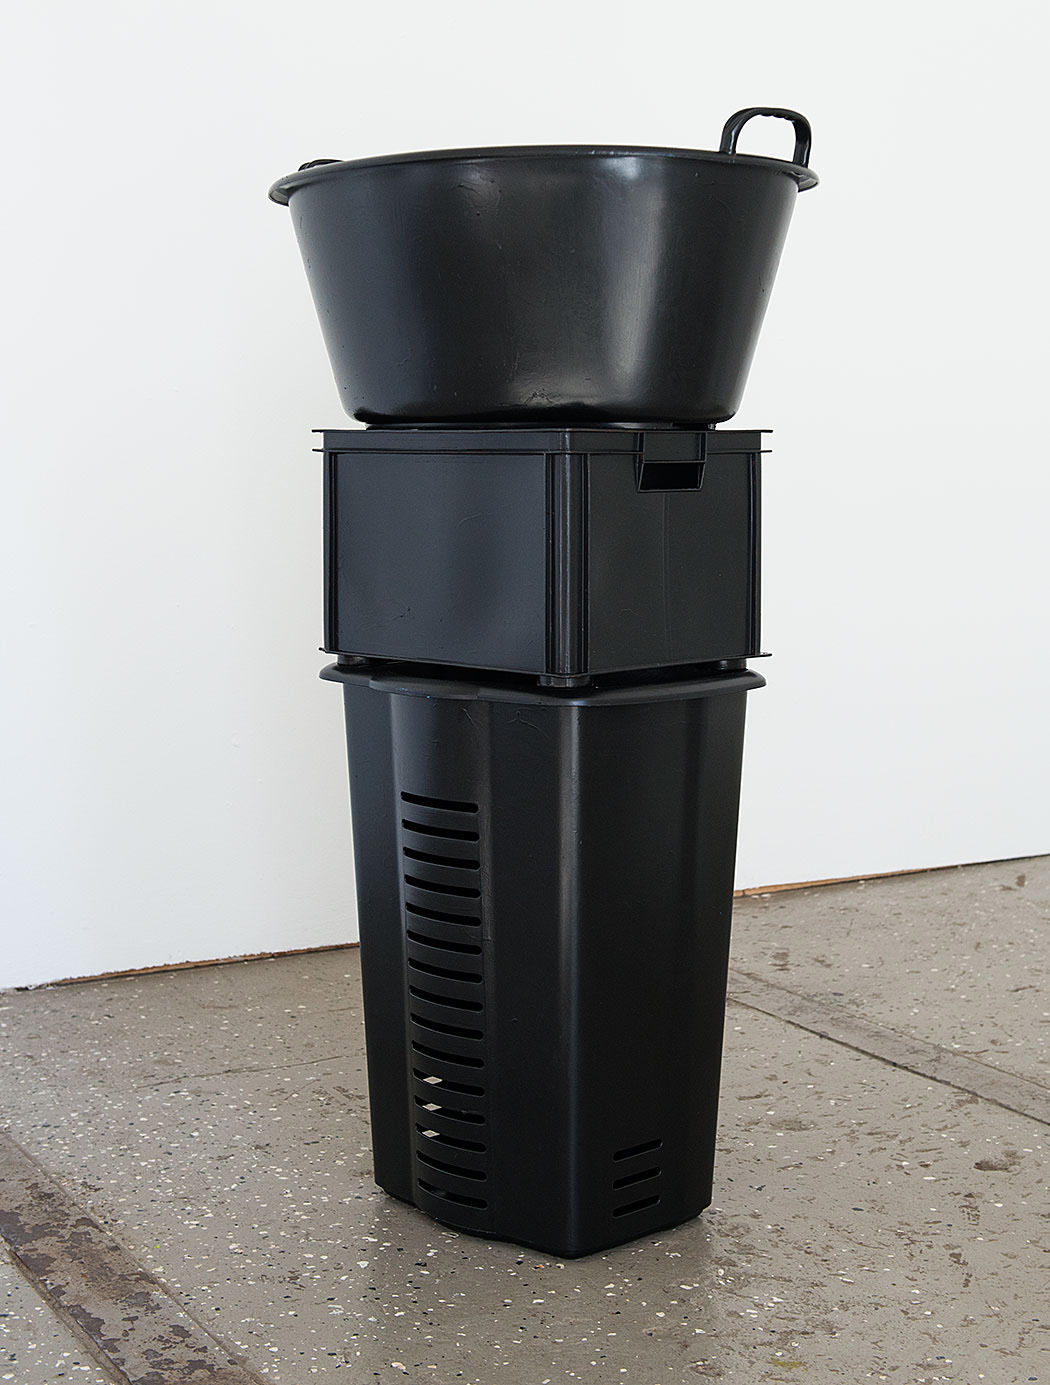 o.T._2017 Lack_Kunststoff_118 x 66,5 x 49 cm